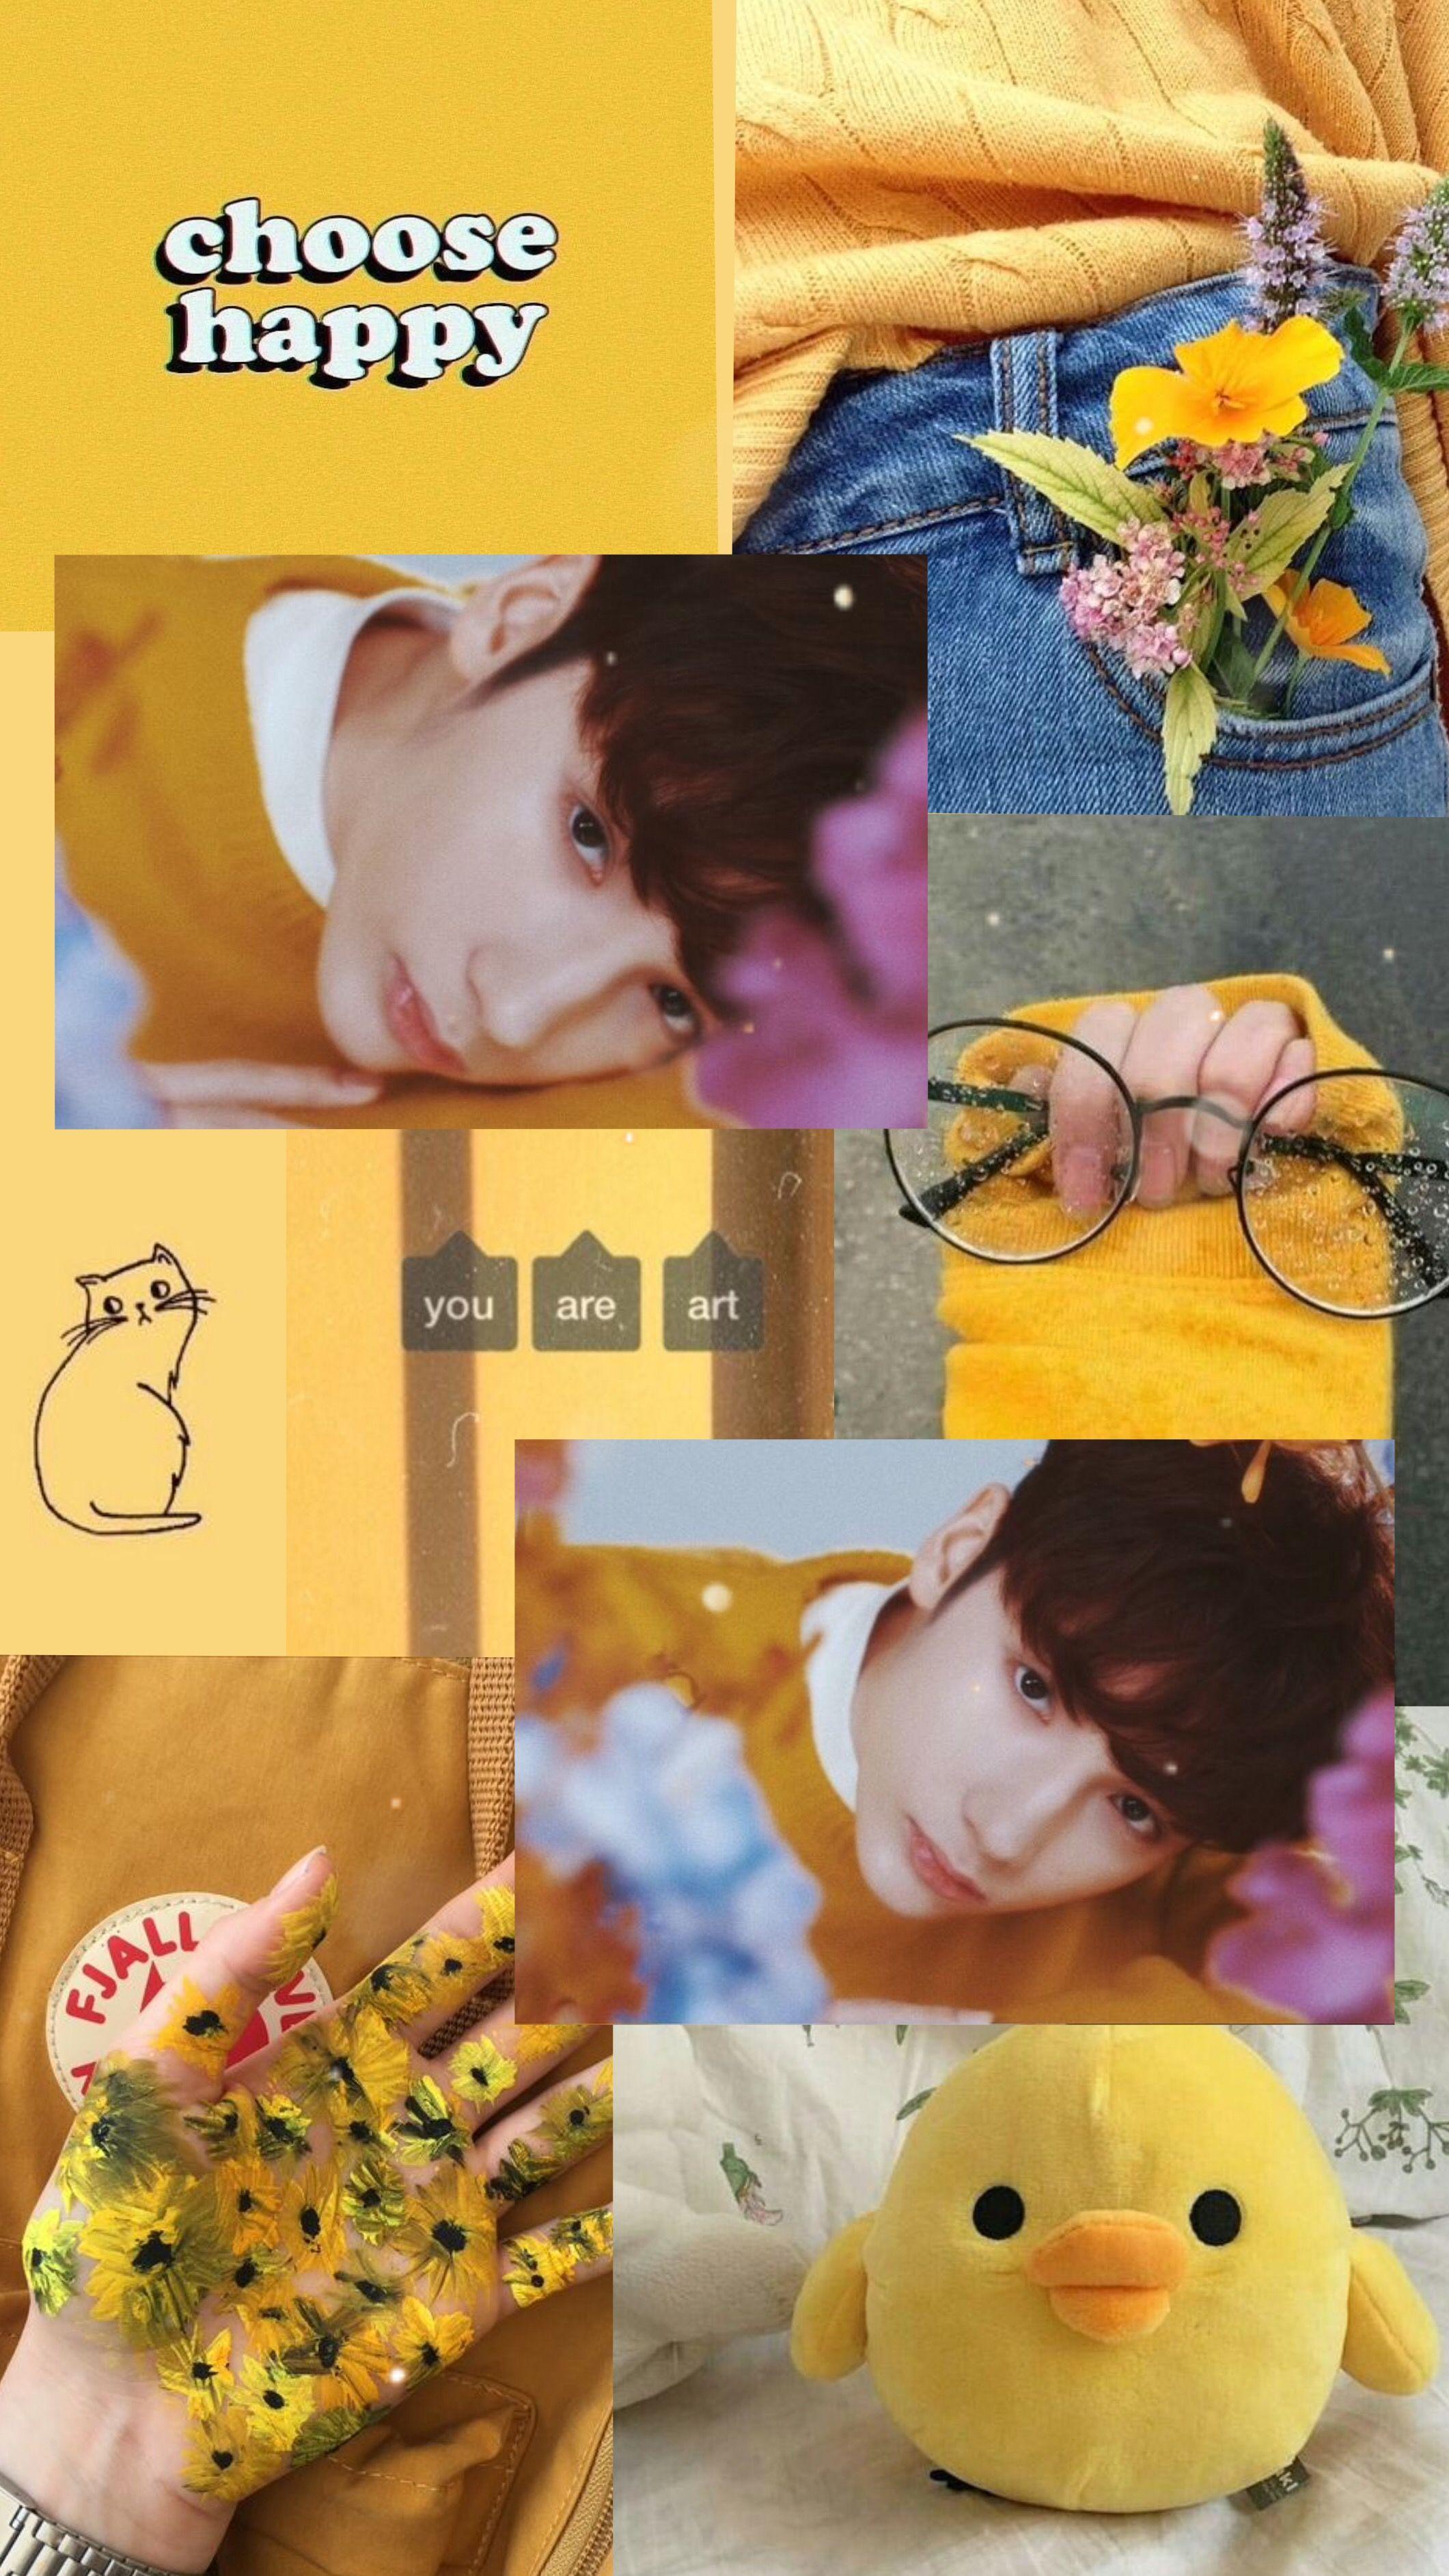 Hueningkai yellow aesthetic edit Gambar, Kolase foto, Kolase